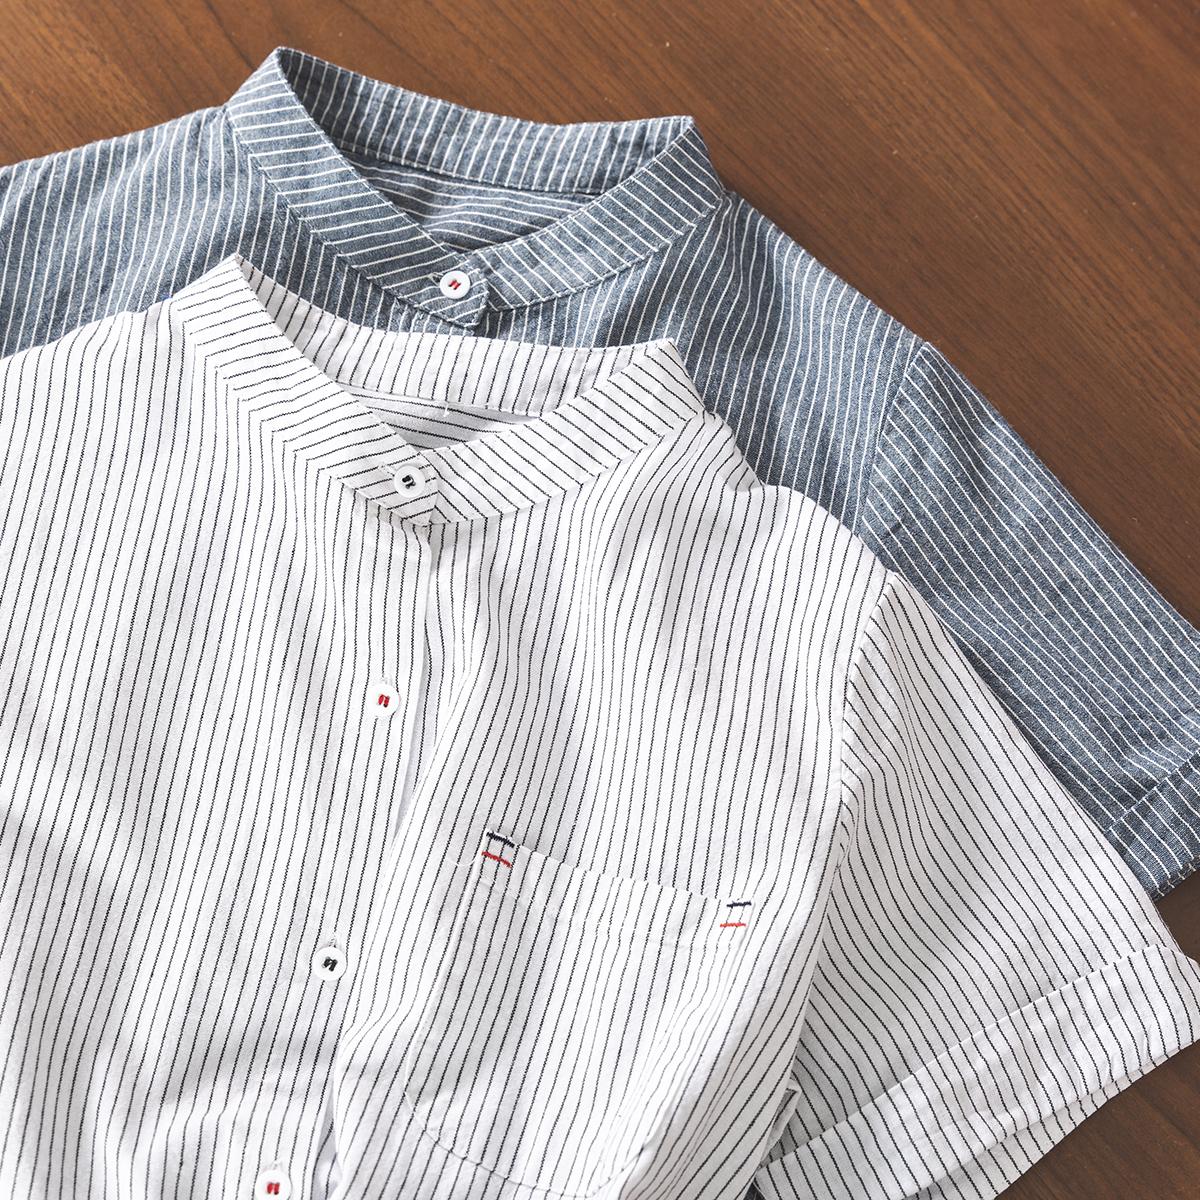 复古港味设计感文艺立领气质小衫条纹短袖衬衫女棉麻上衣夏季新款